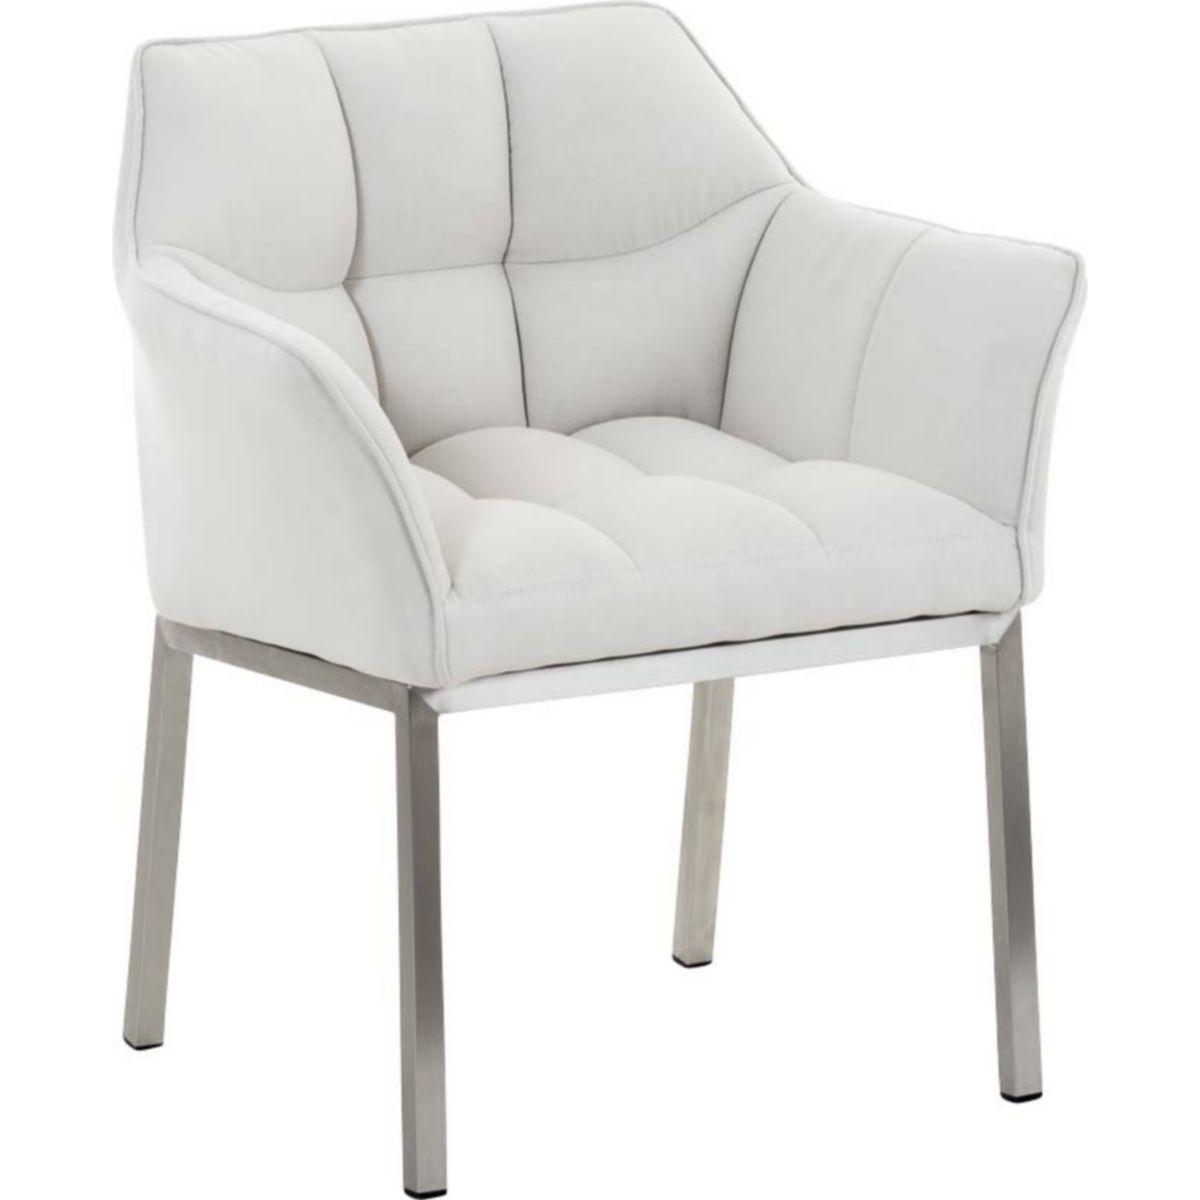 CLP Lounge-Sessel OCTAVIA mit Armlehnen, 4 Beine, Stoff-Bezug, gepolstert, Sitzhöhe 49 cm jetztbilligerkaufen